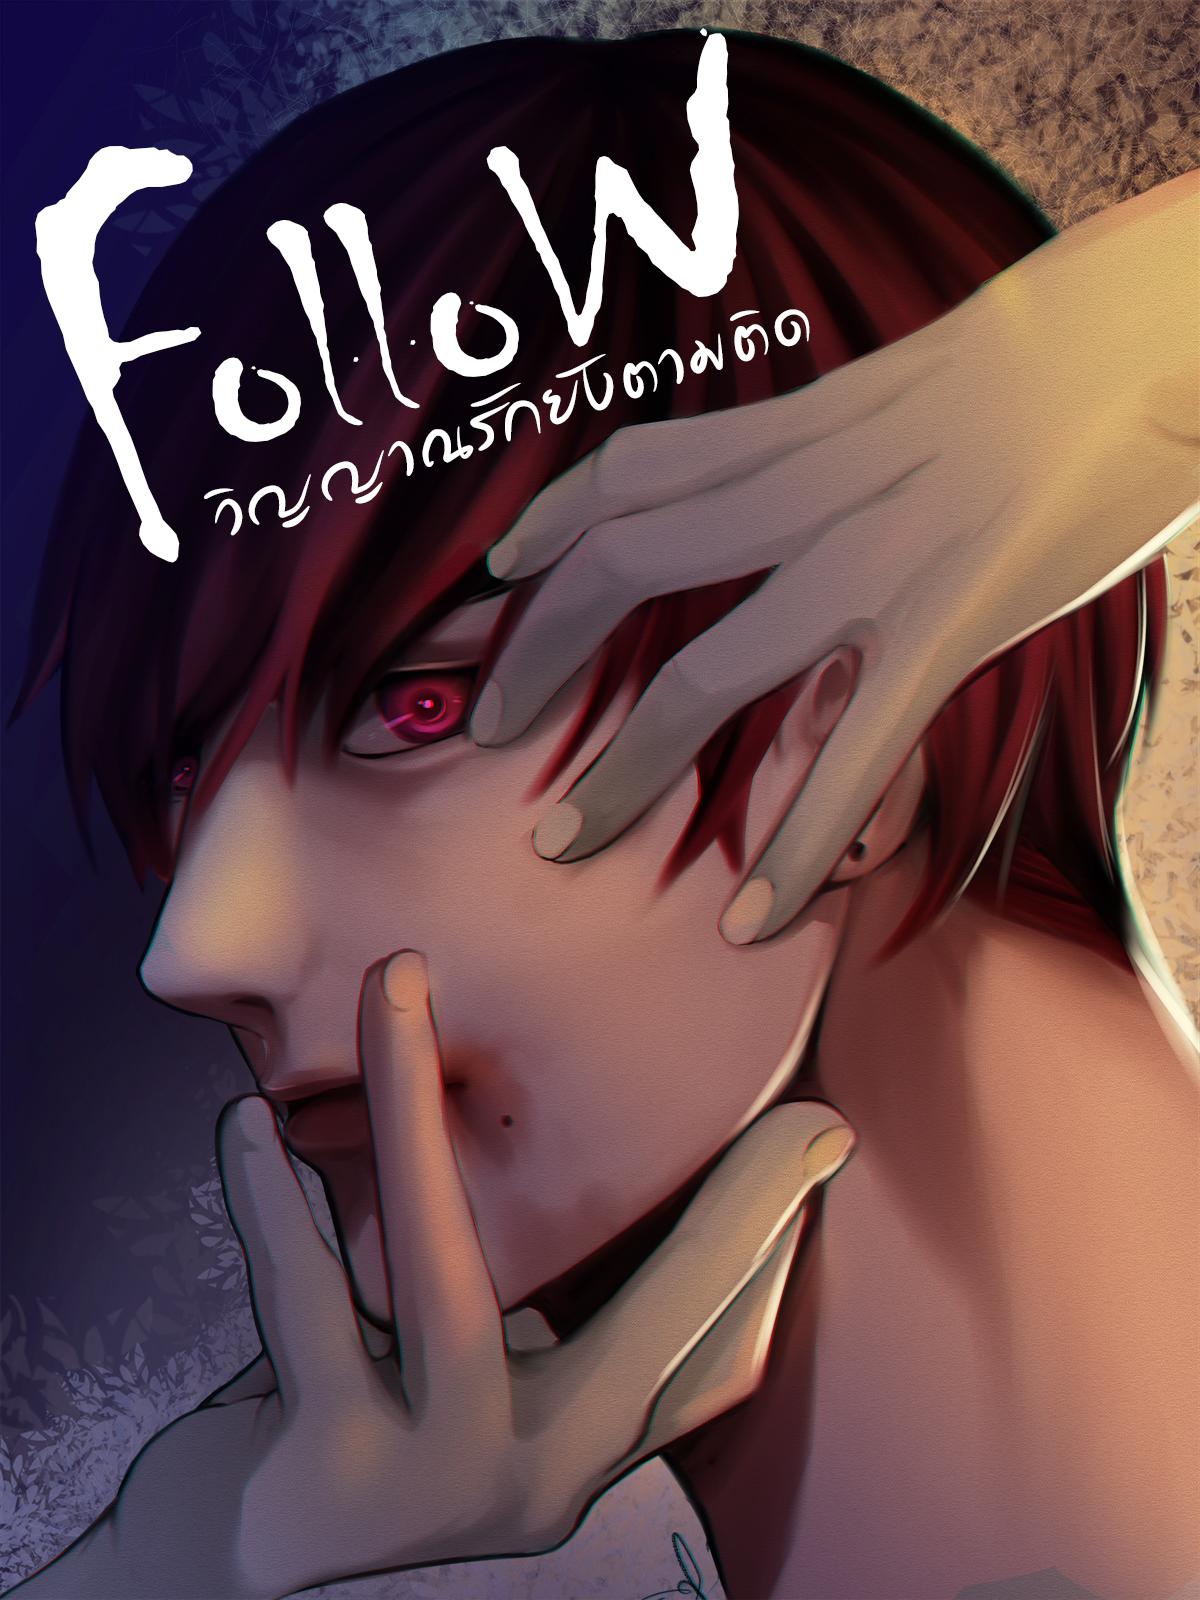 Follow (วิญญาณรักยังตามติด)